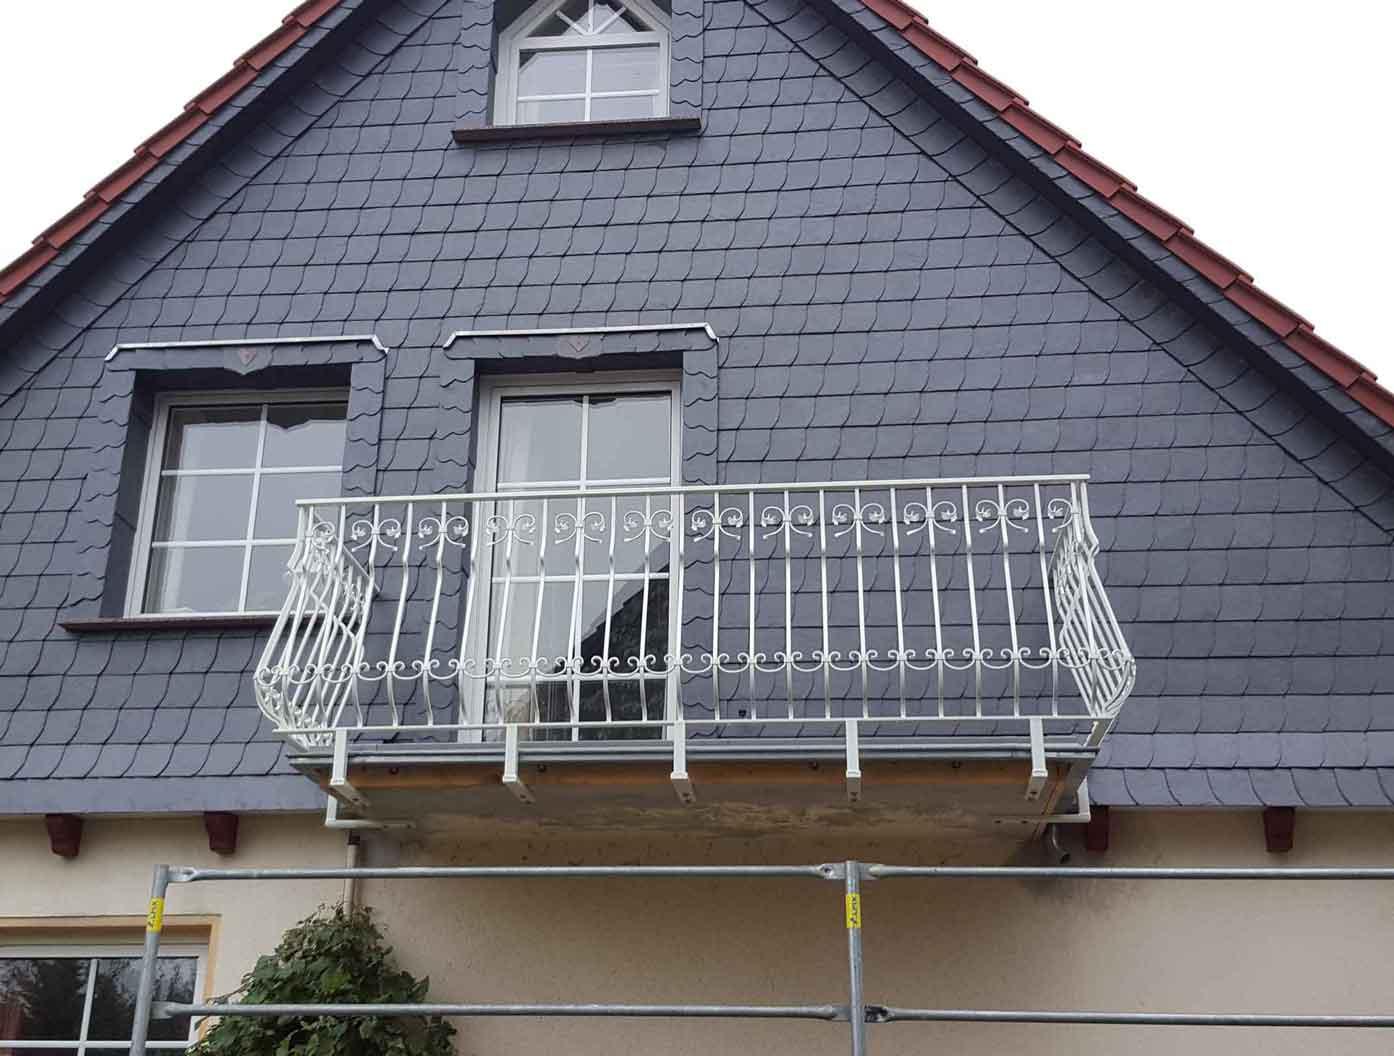 Hirsch Metallbau Balkongeländer 018 - Balkongeländer-18